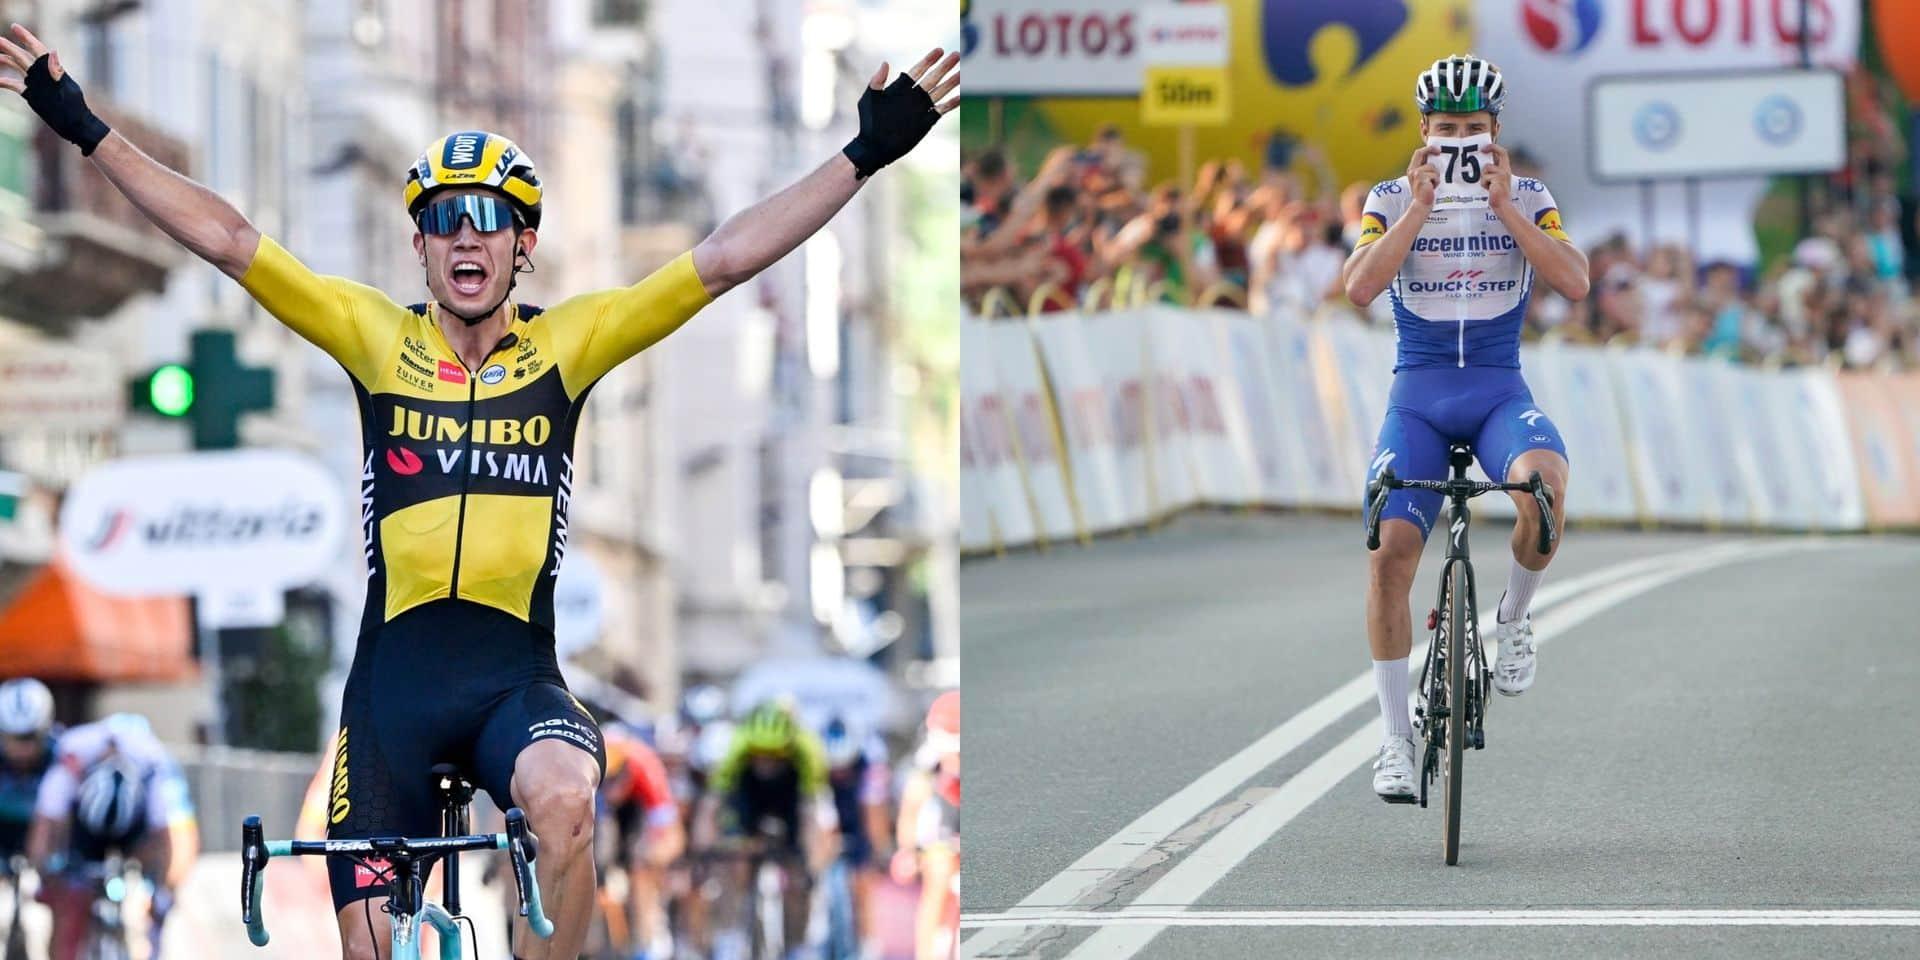 """La presse étrangère nous envie Van Aert et Evenepoel : """"Ce sont les nouvelles étoiles du cyclisme"""""""